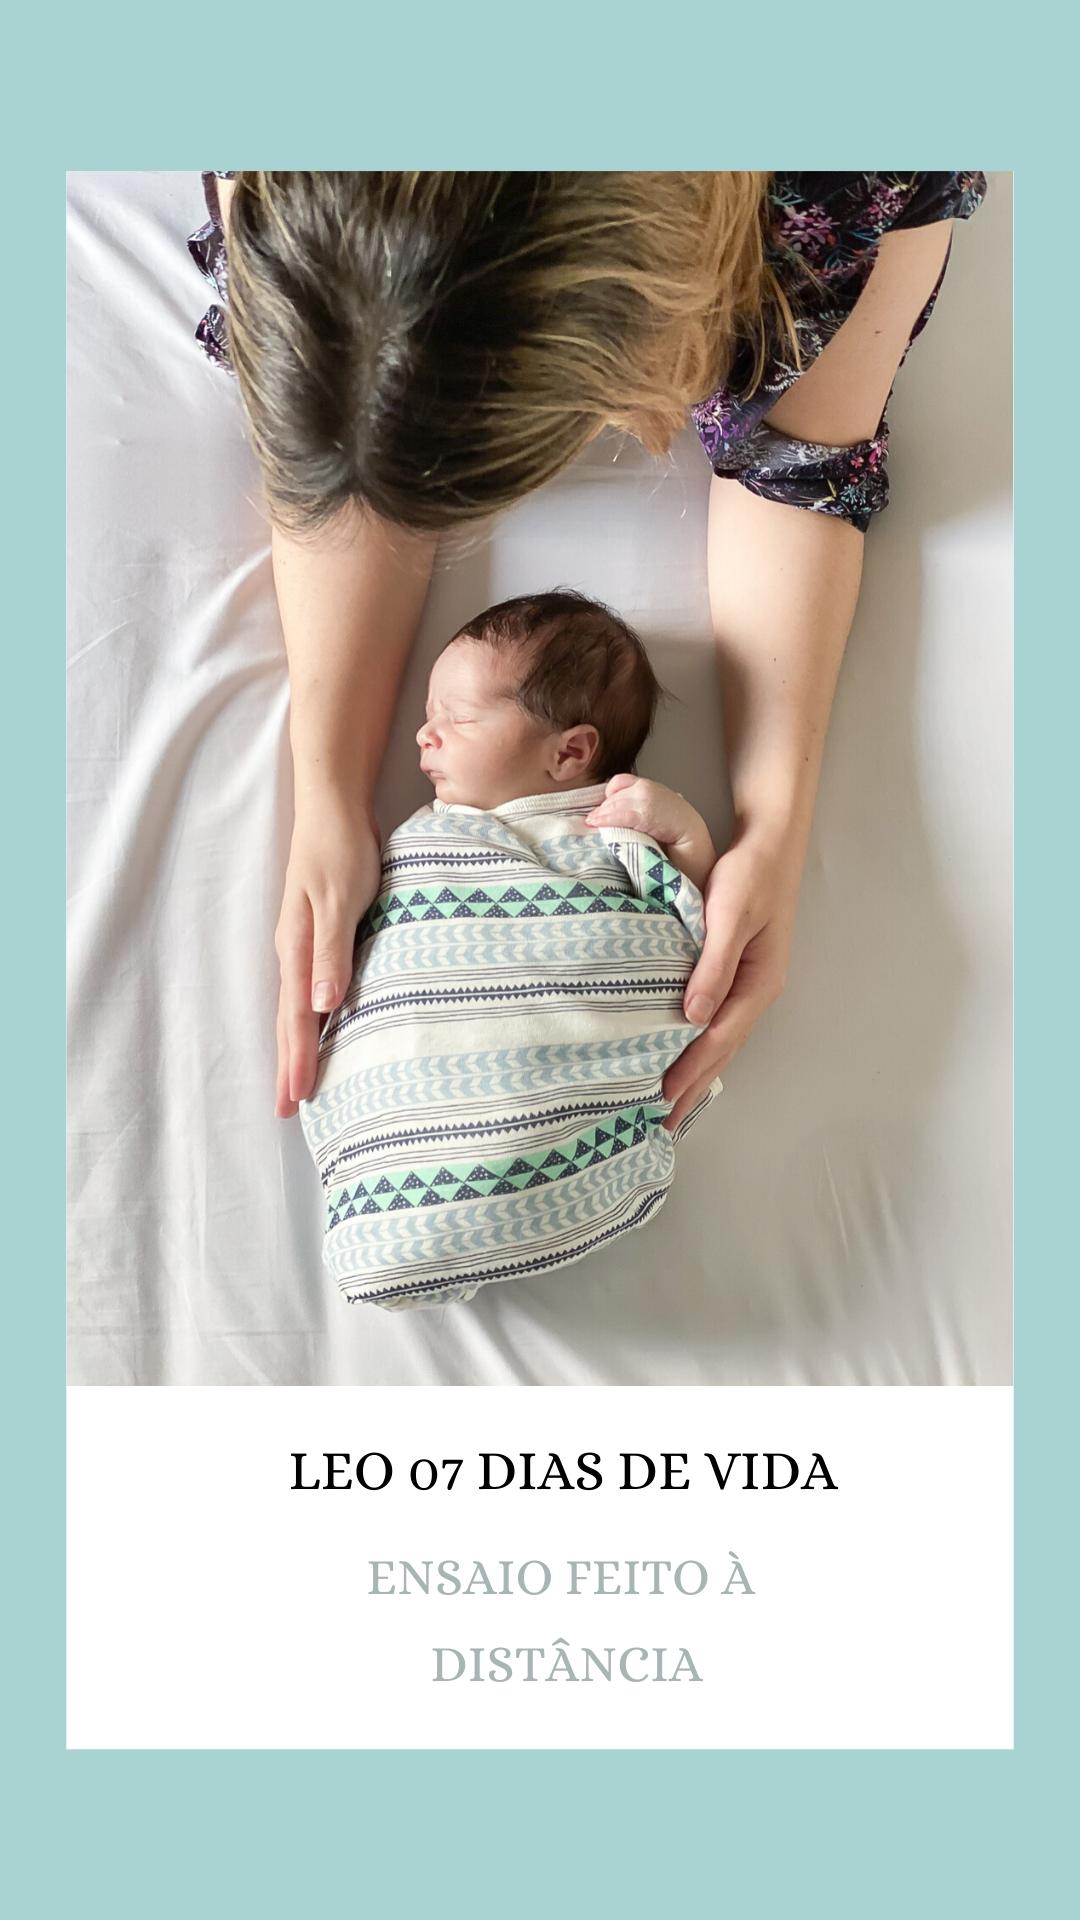 Imagem capa - COVID-19 - Ensaio Guiado à Distância por Dani Motta